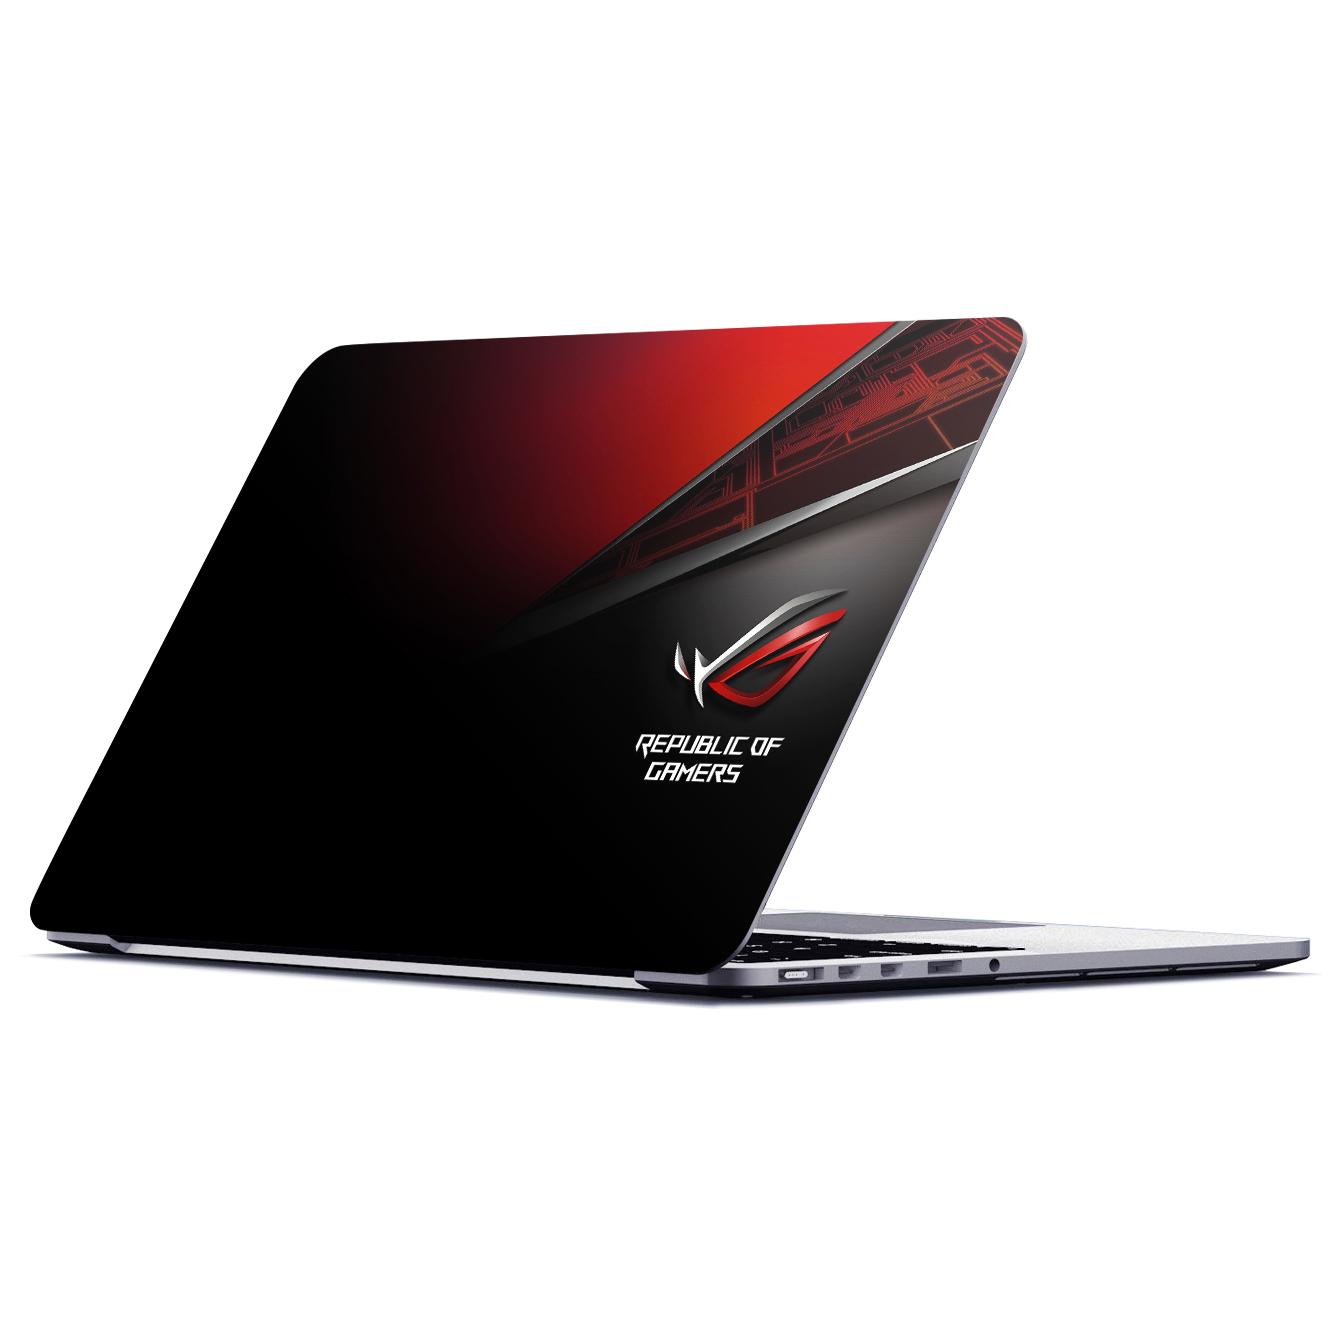 استیکر لپ تاپ ماسا دیزاین مدل STL0185 مناسب برای لپ تاپ 15.6 اینچ